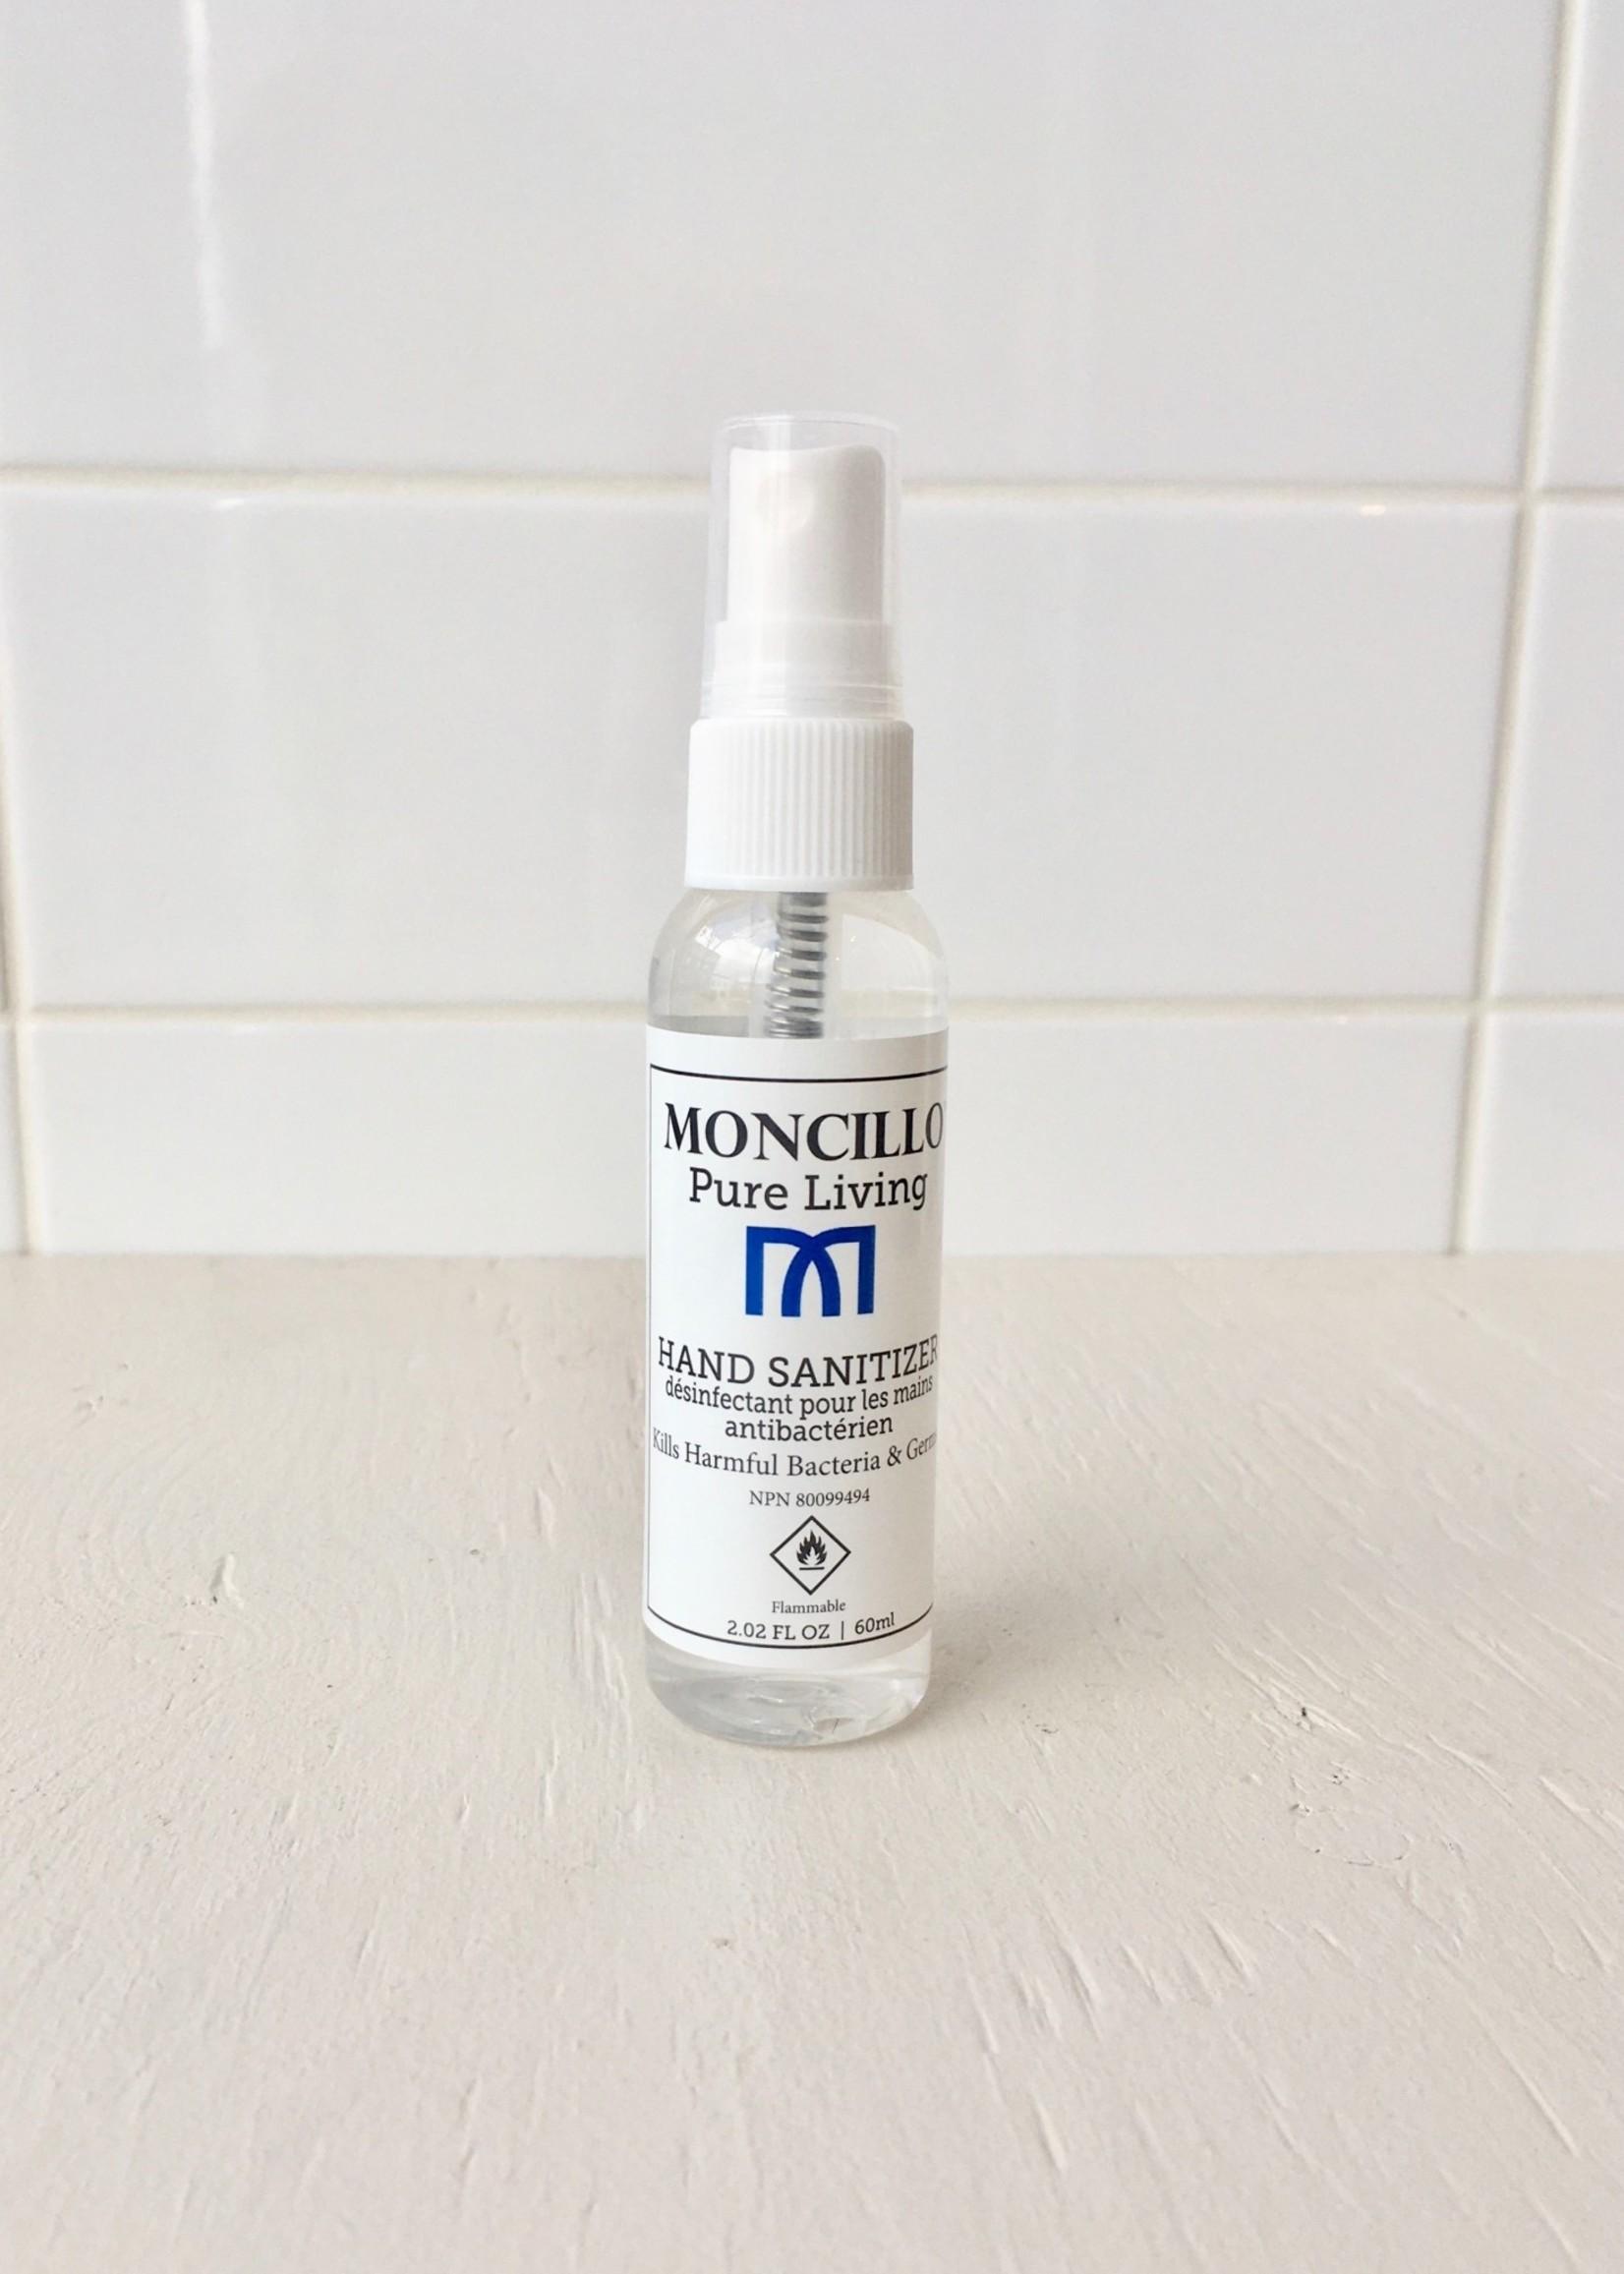 Moncillo 2oz Spray Hand Sanitizer